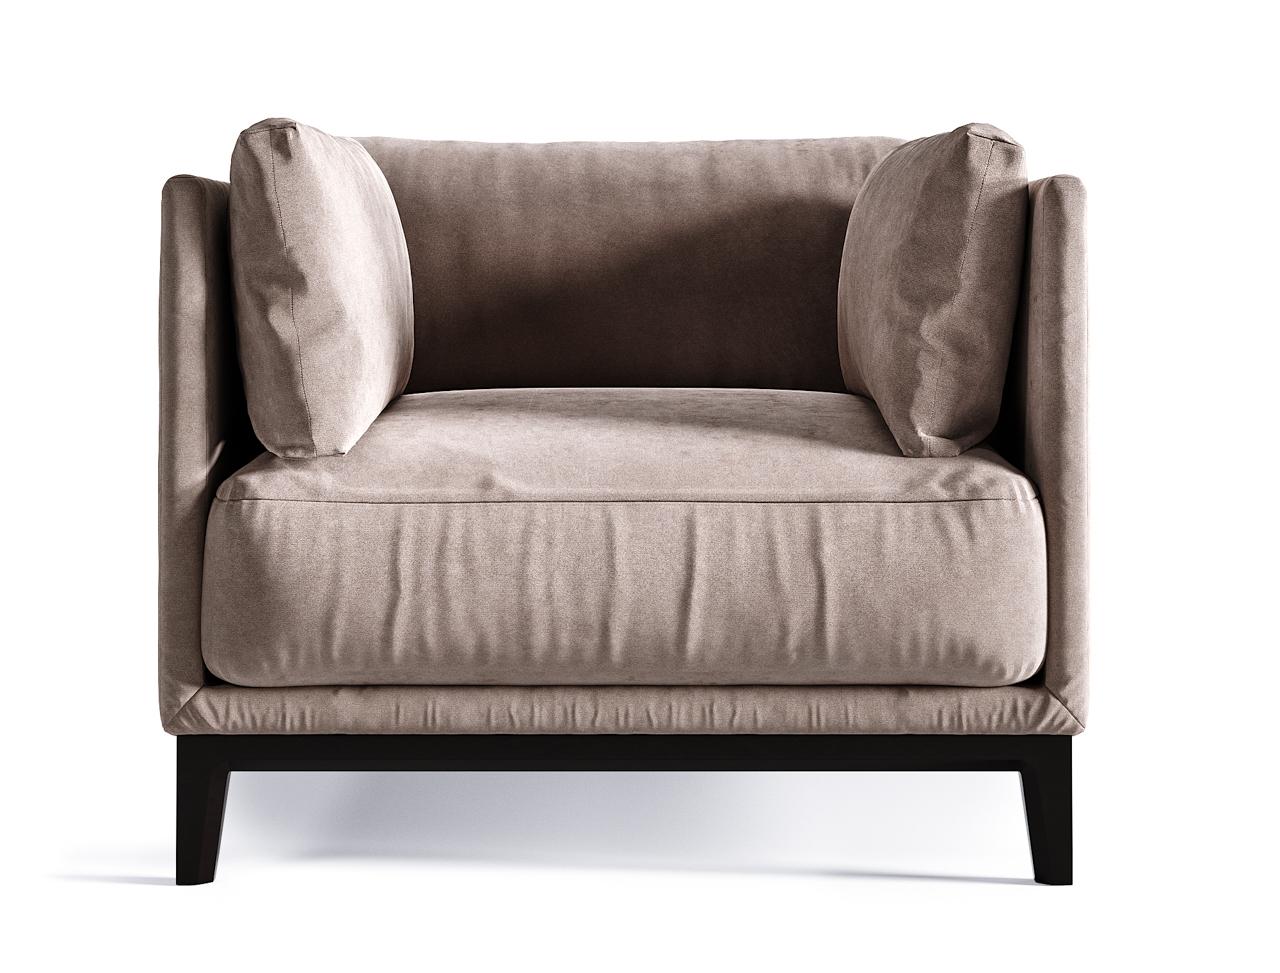 Кресло CaseИнтерьерные кресла<br>Кресло CASE подойдёт в любые интерьеры благодаря современному дизайну и эргономичному наполнителю. А также может стать отличным дополнением к дивану CASE.Объемные подушки из прорезиненного пенополиуретана нескольких степеней жесткости вместе с удобной глубокой посадкой создают необычайно комфортную зону отдыха и легко восстанавливают форму. Все чехлы съемные, их легко стирать. Кресло CASE доступно к заказу в нескольких категориях ткани и с 6 вариантами тонировки ножек.&amp;lt;div&amp;gt;&amp;lt;br&amp;gt;&amp;lt;/div&amp;gt;&amp;lt;div&amp;gt;Материал: Массив березы, фанера, обивка - ткань, прорезиненный пенополиуретан, холлофайбер, пух-перо&amp;lt;/div&amp;gt;<br><br>Material: Текстиль<br>Ширина см: 94<br>Высота см: 80<br>Глубина см: 94